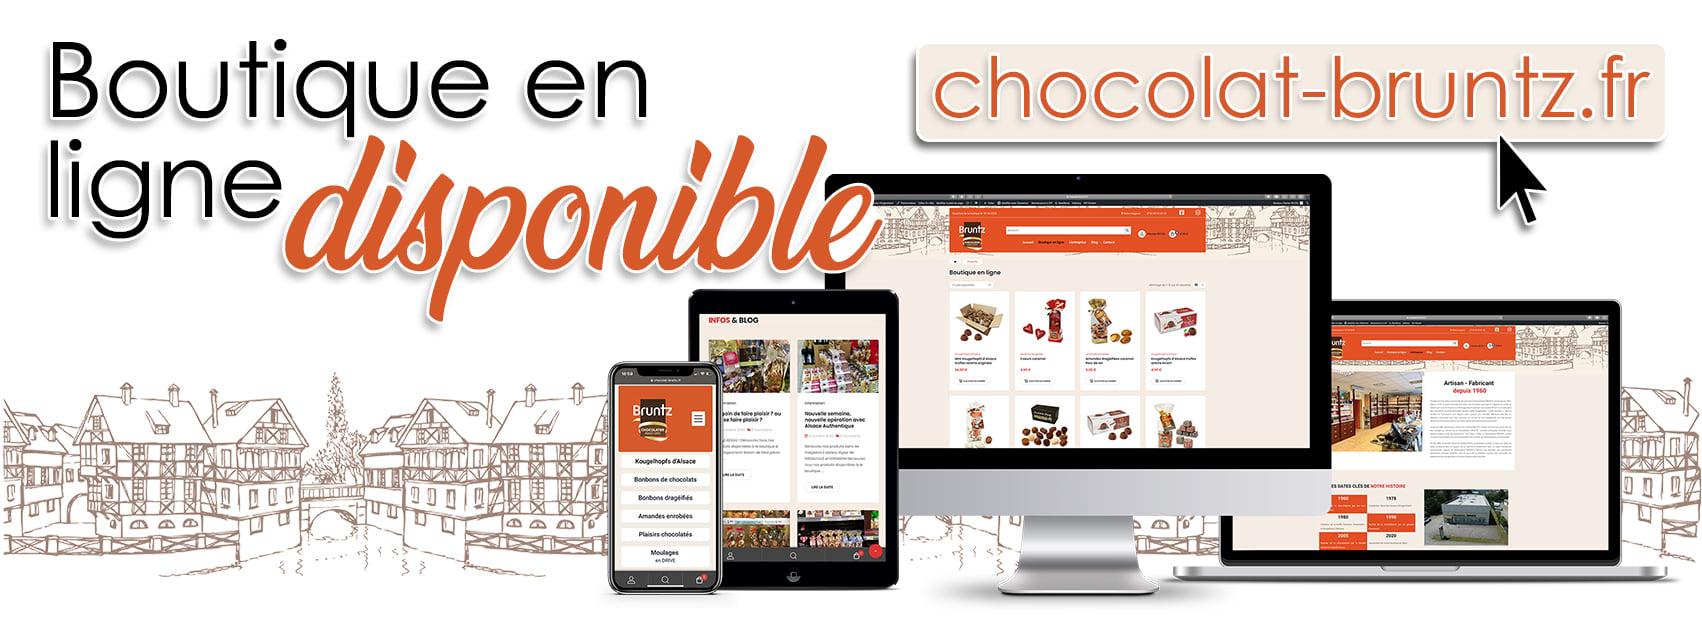 MERCI ! 1 MOIS après le lancement de notre Boutique en ligne